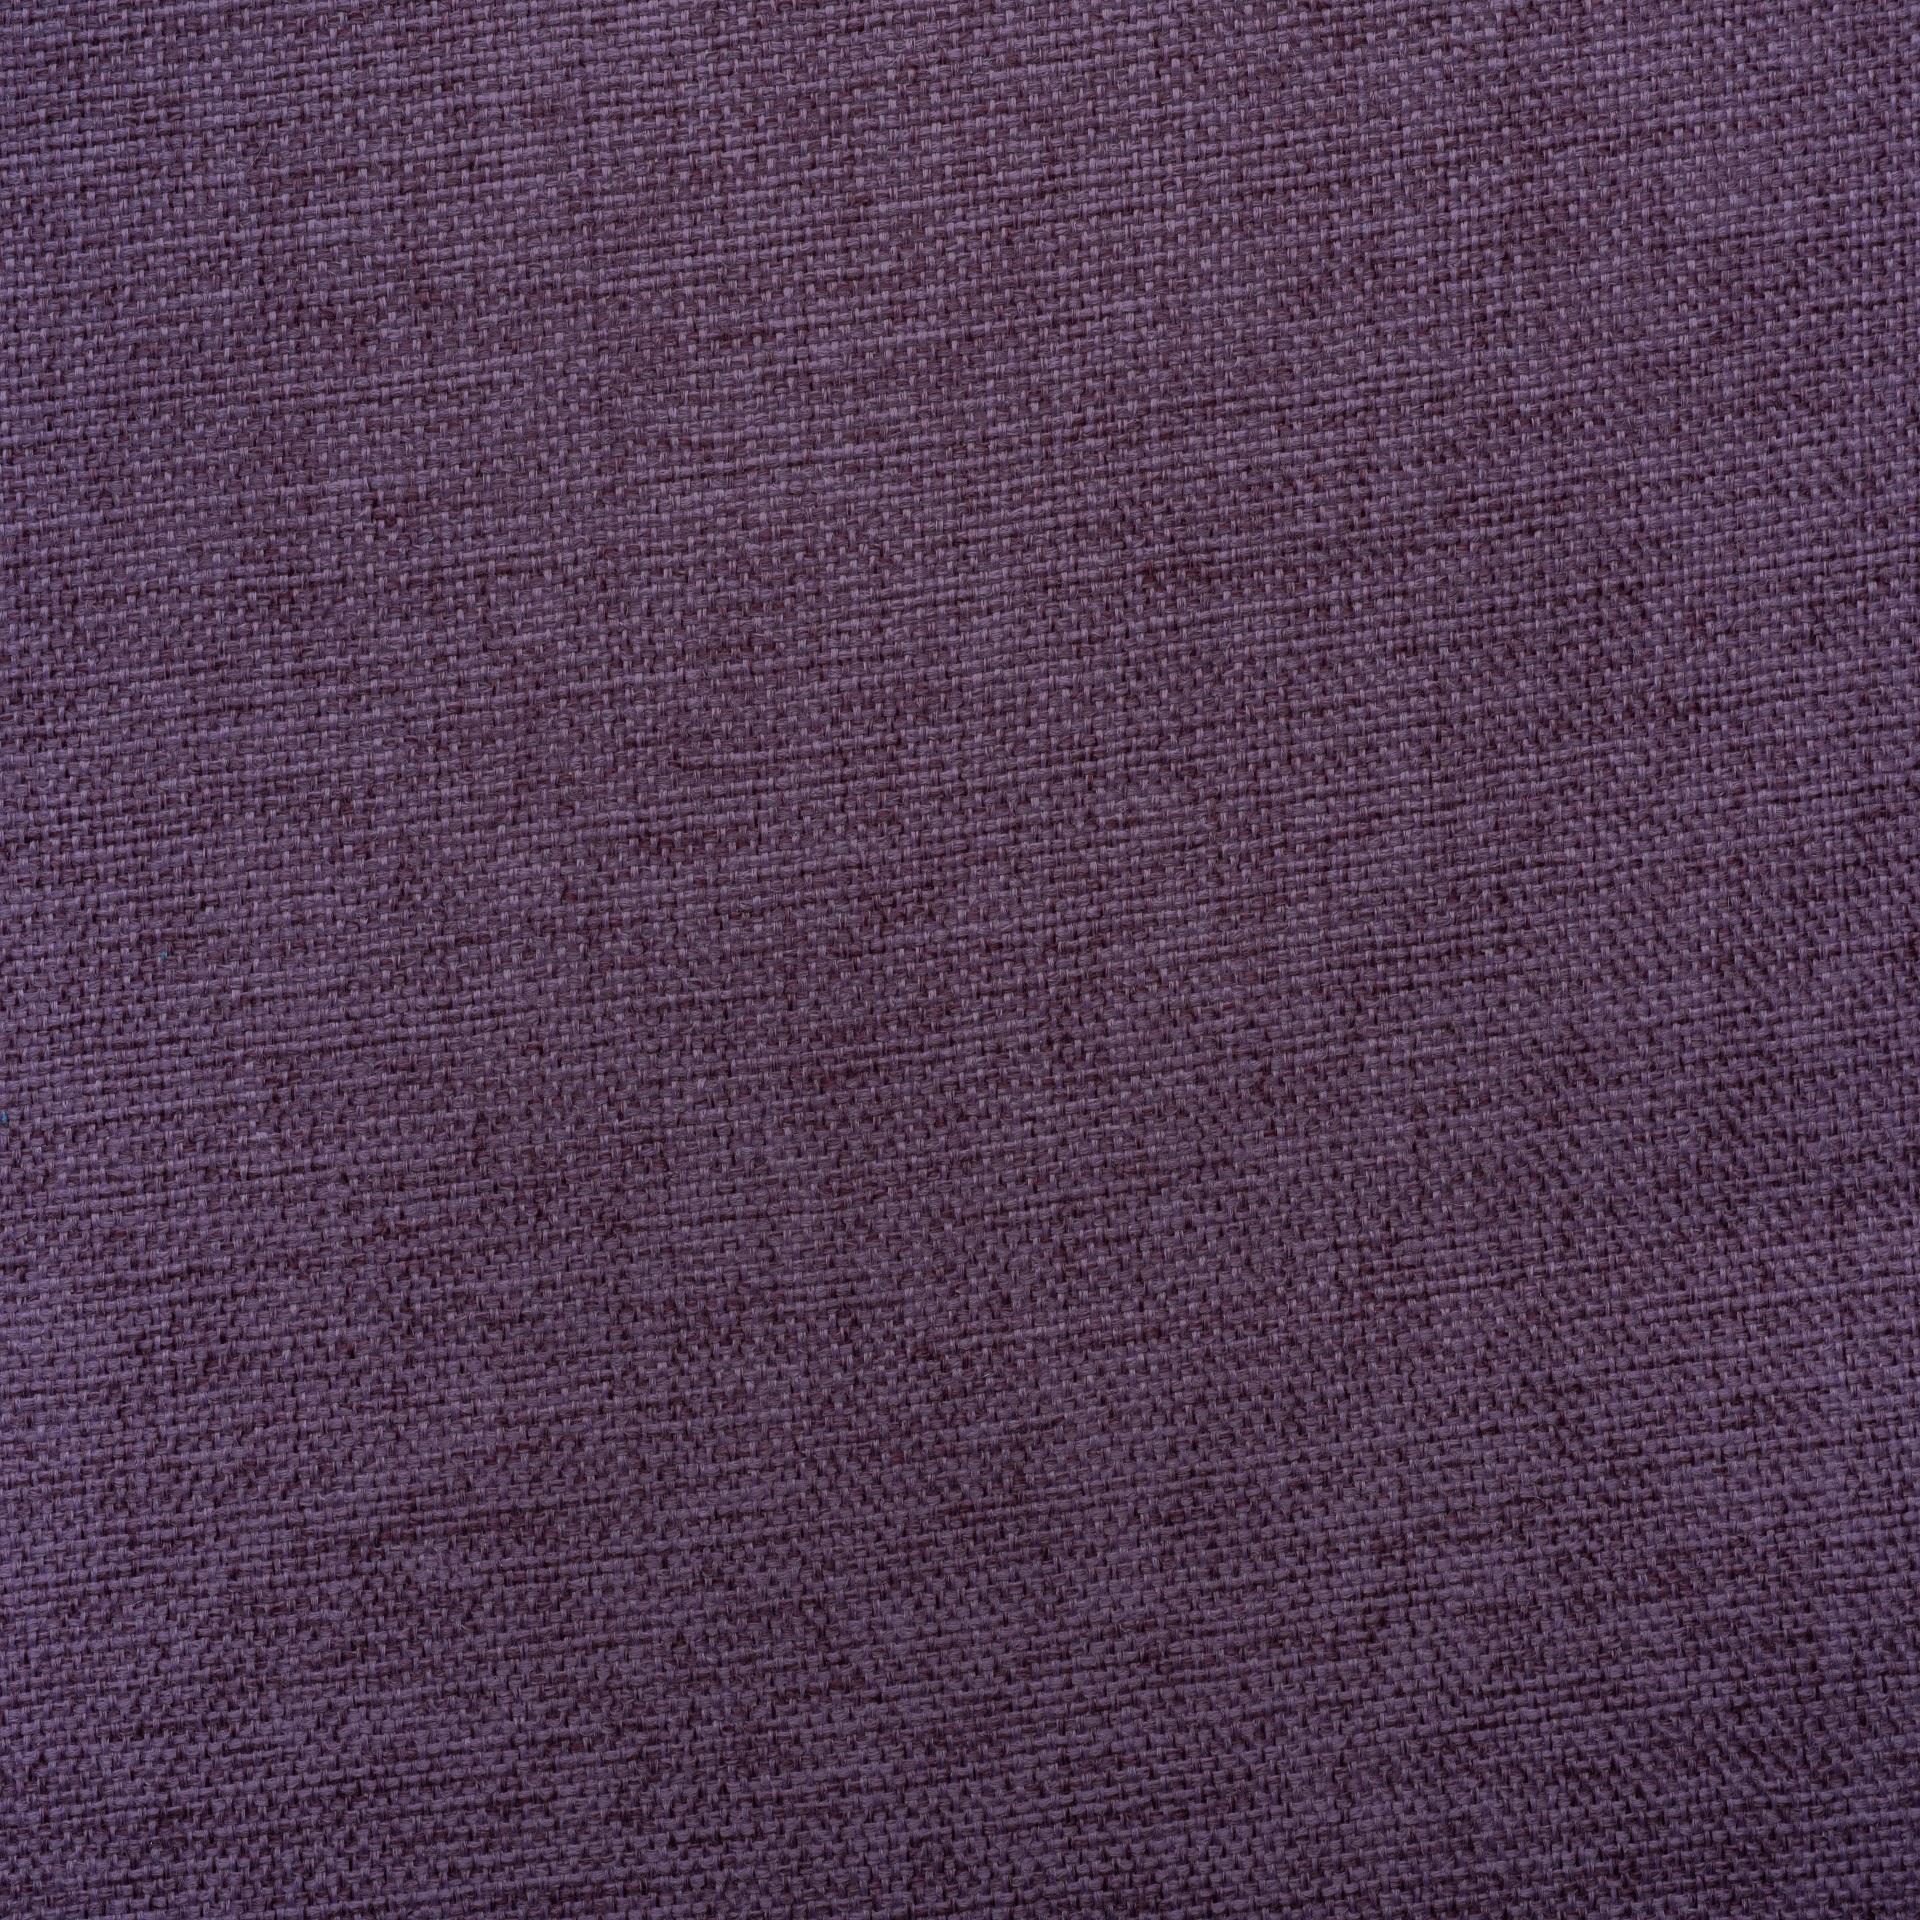 Коллекция ткани Шотландия комбин LILAC,  купить ткань Рогожка для мебели Украина